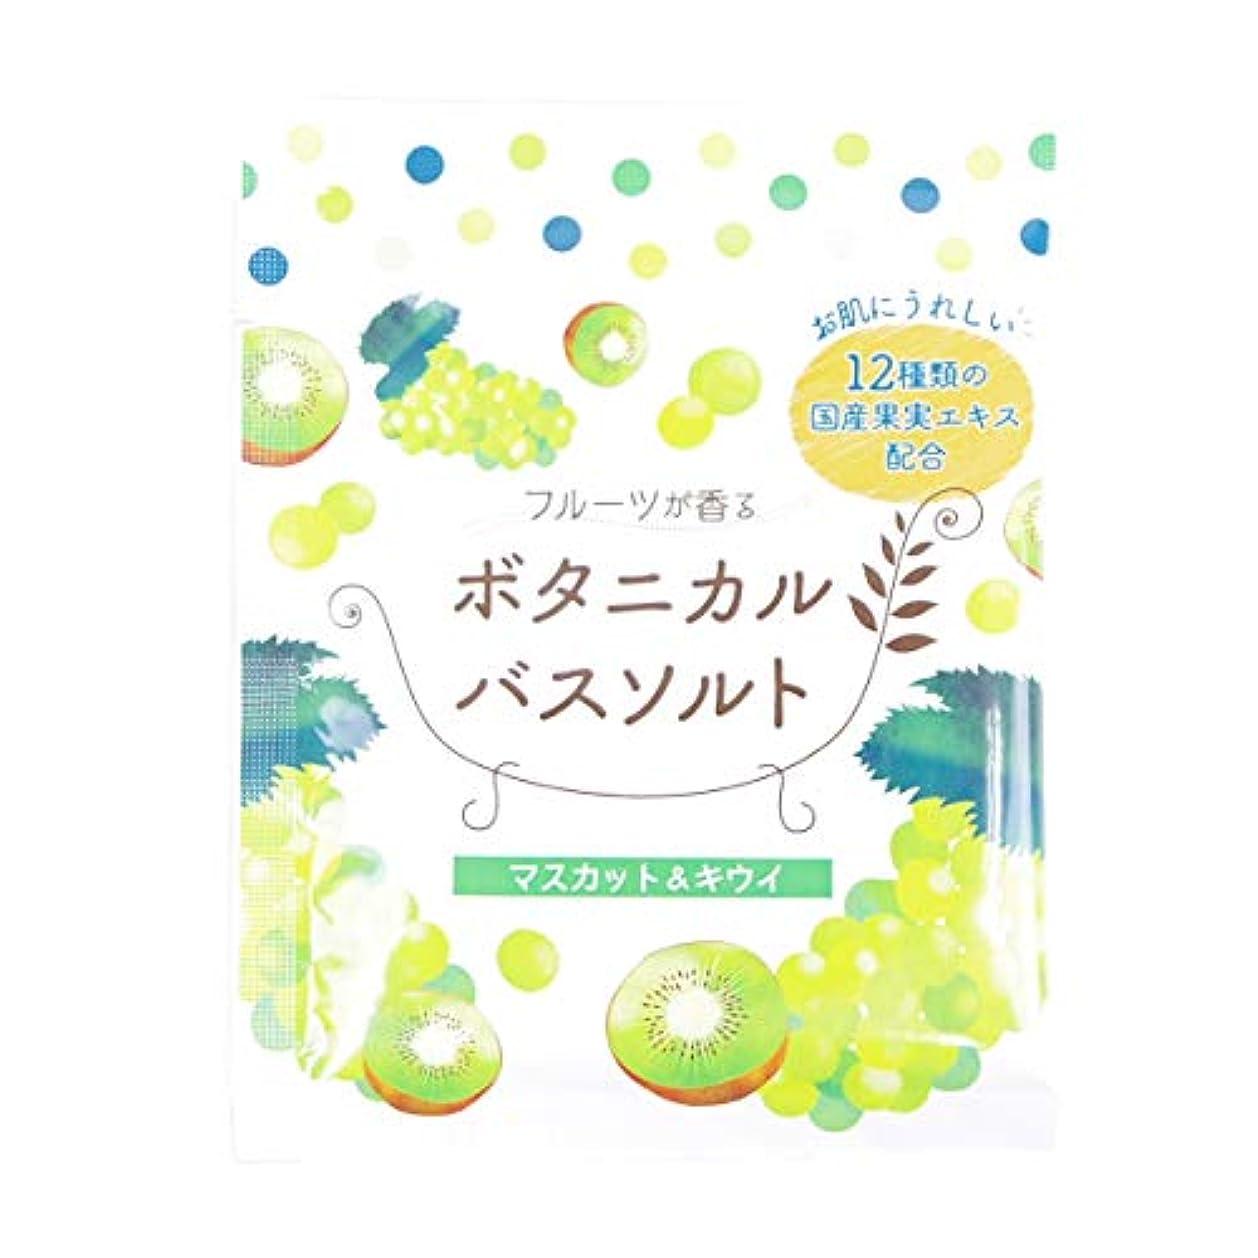 存在ナイトスポット集中松田医薬品 フルーツが香るボタニカルバスソルト マスカット&キウイ 30g